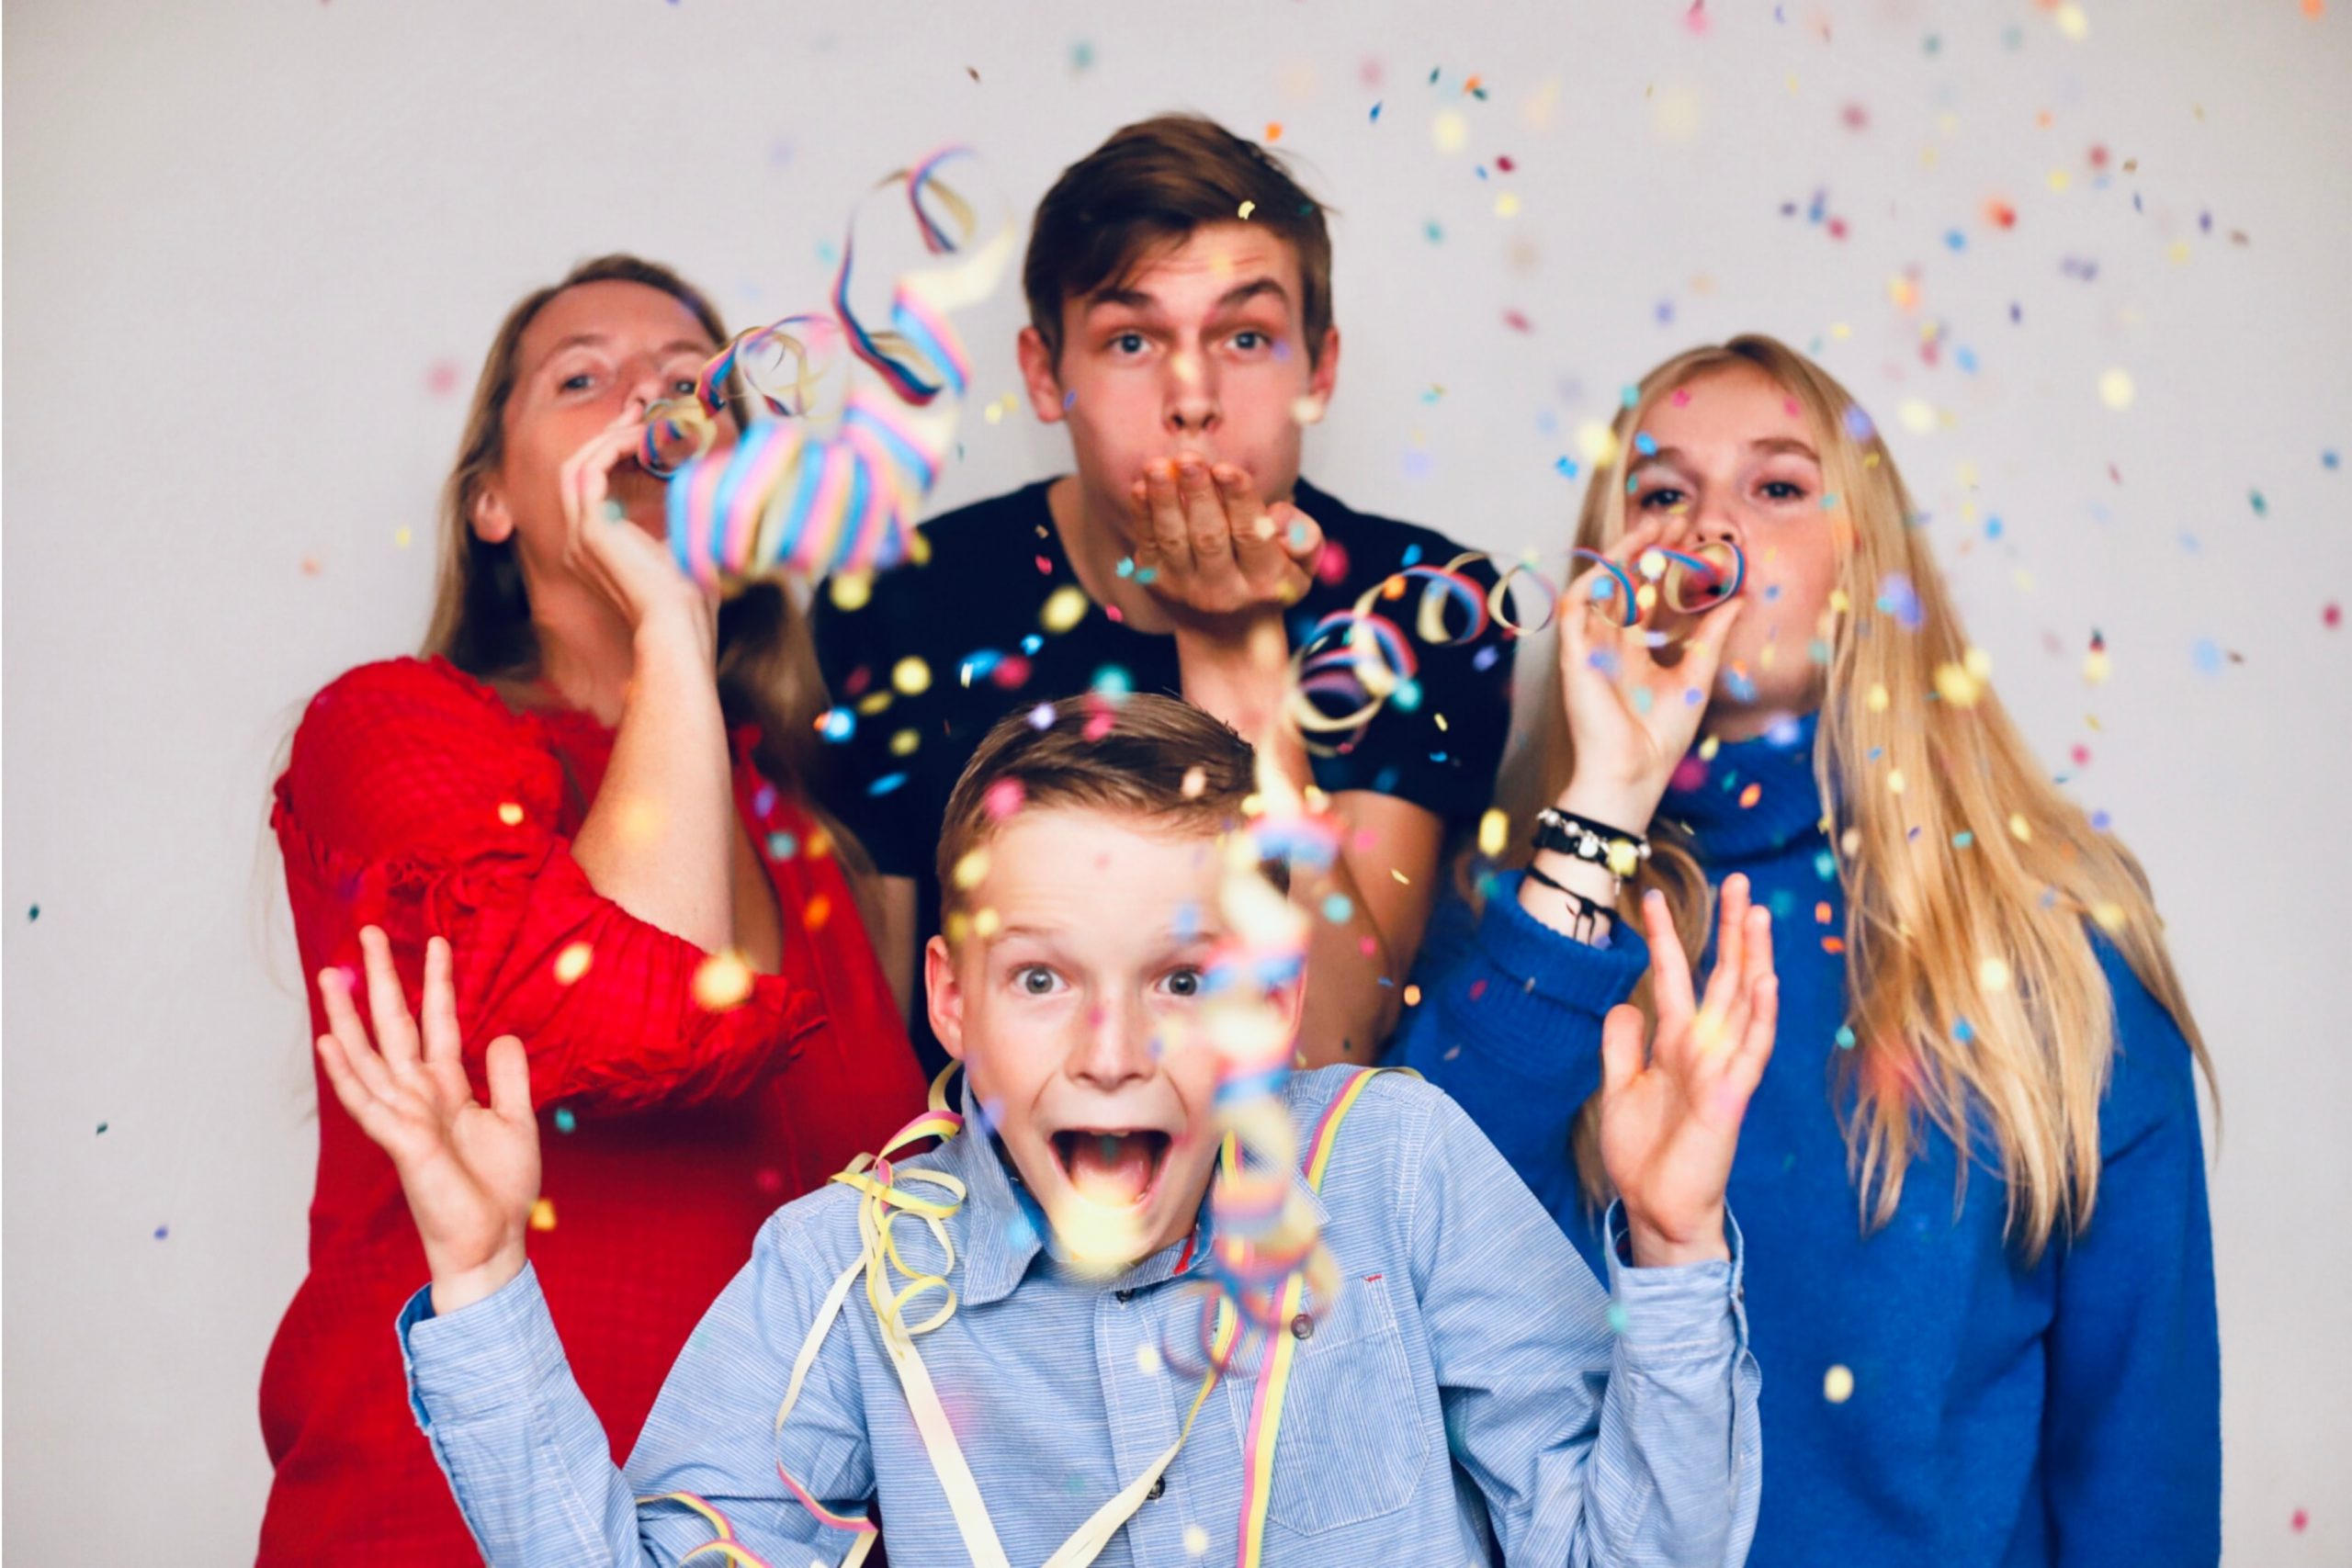 Gør børnefødselsdagen fantastisk – sørg for at anskaffe festartikler